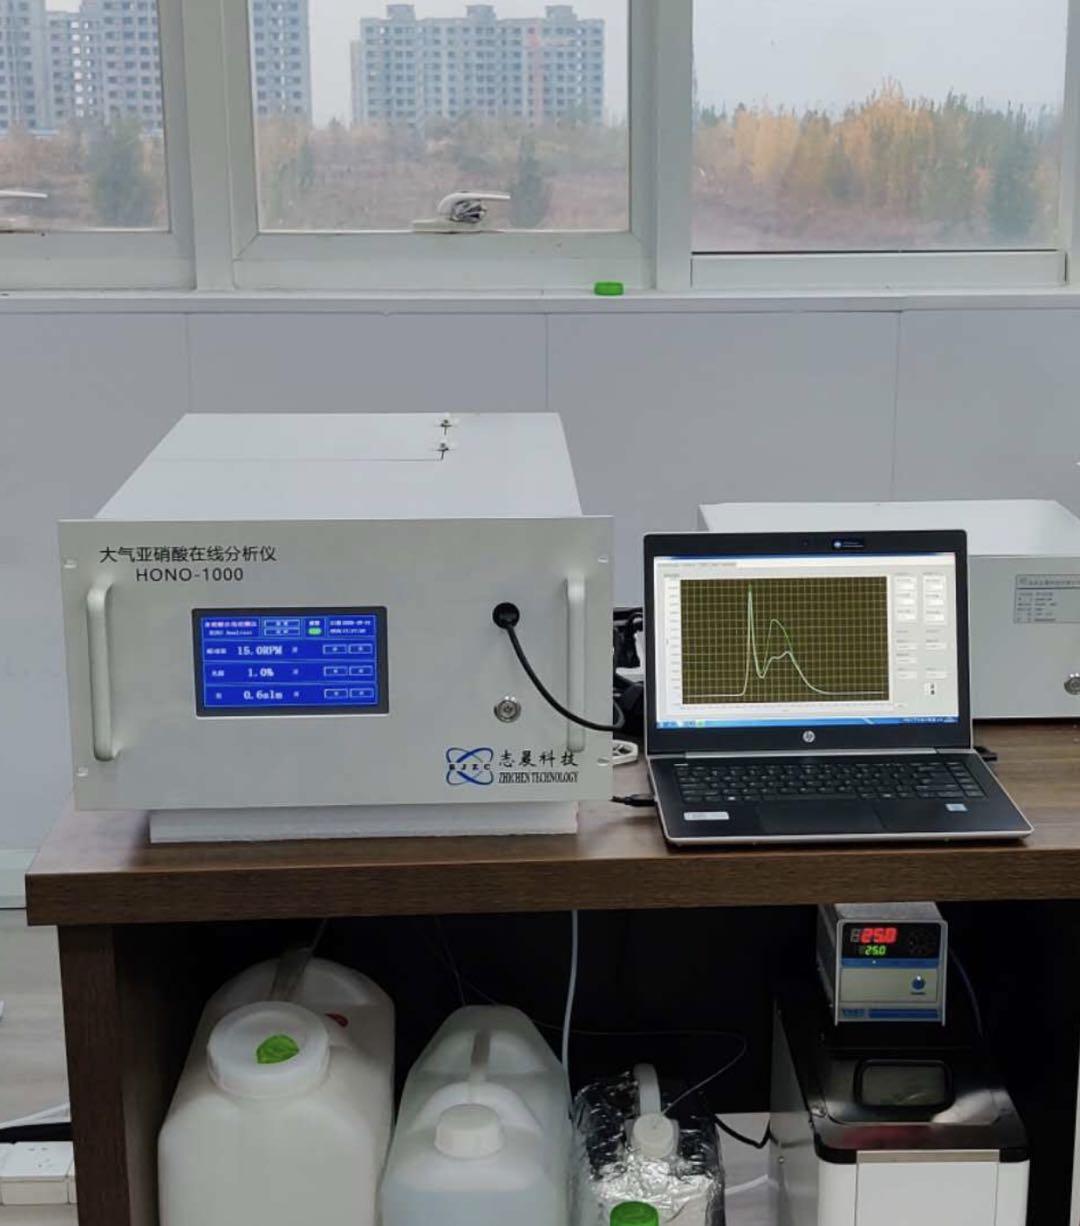 大气亚硝酸(HONO)在线分析仪